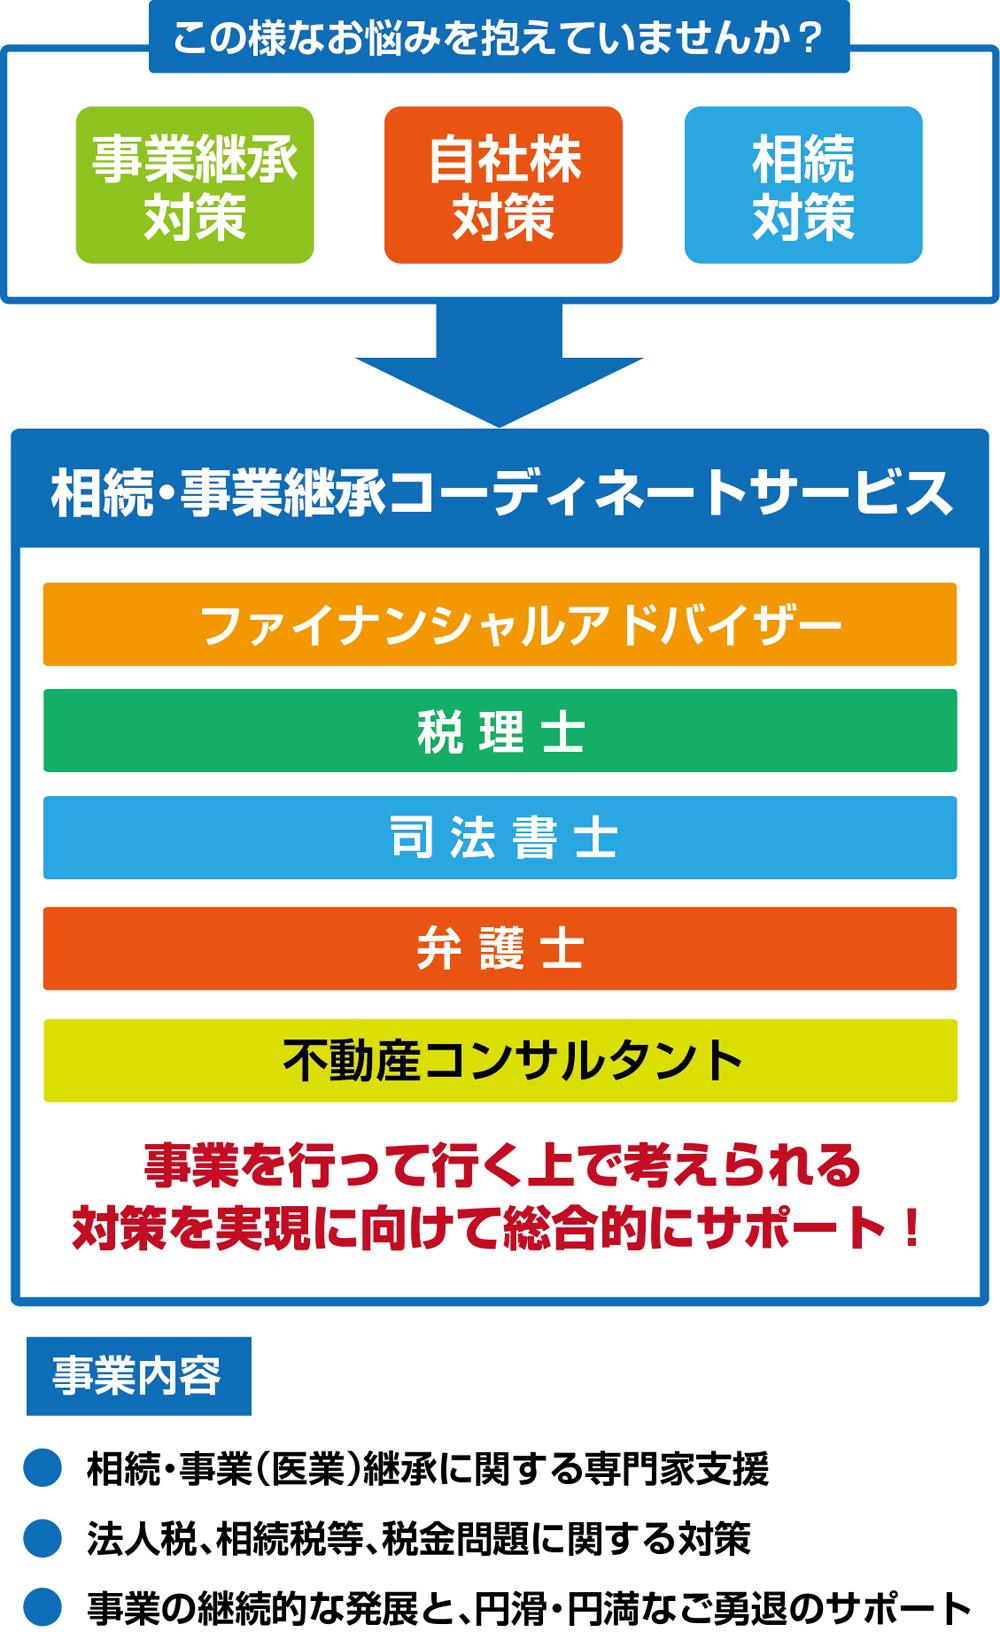 相続・事業承継コーディネート